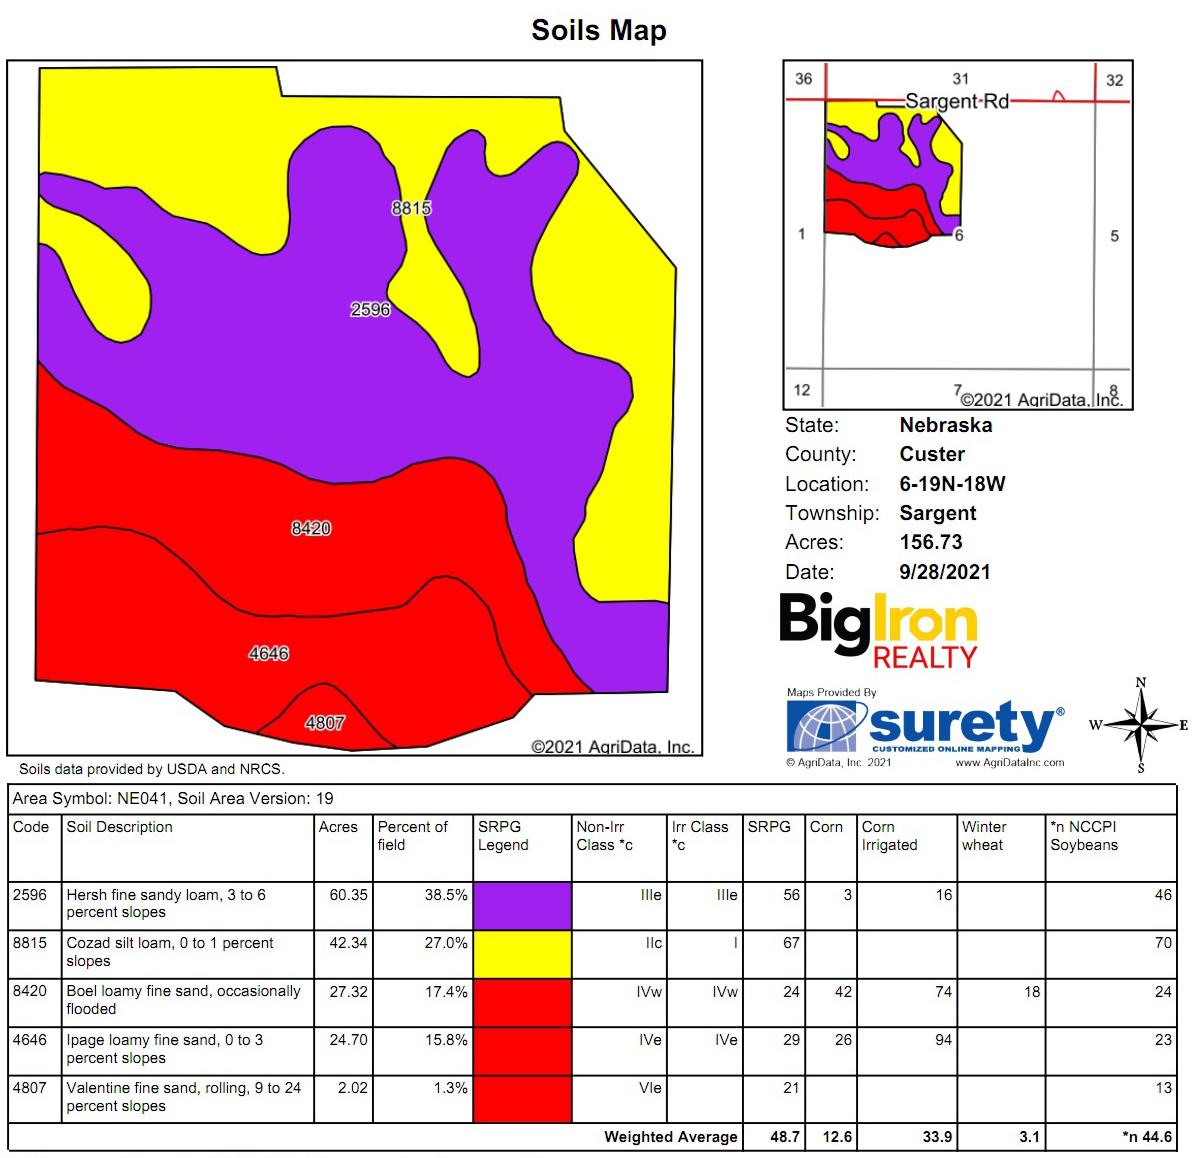 Soils Map_BIR-2149